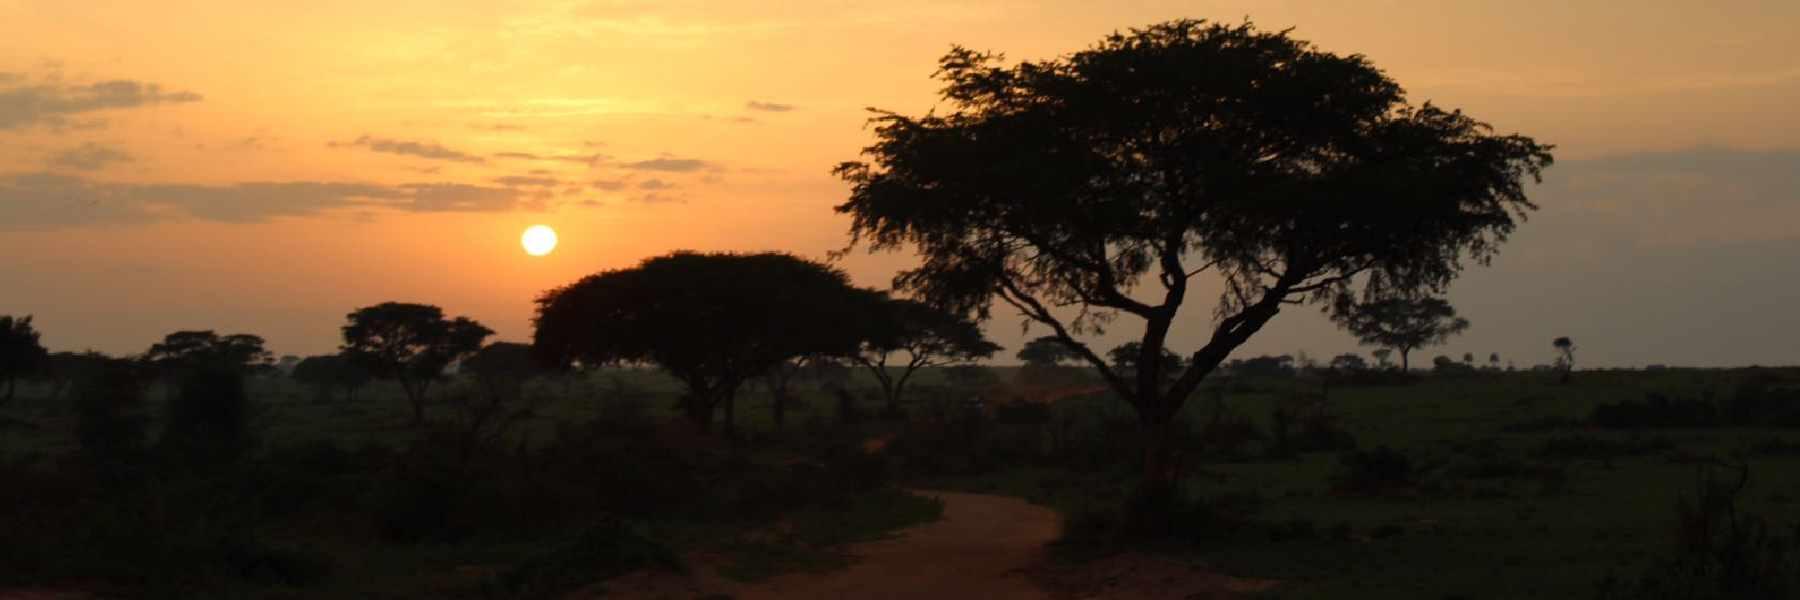 Voluntariado en Uganda